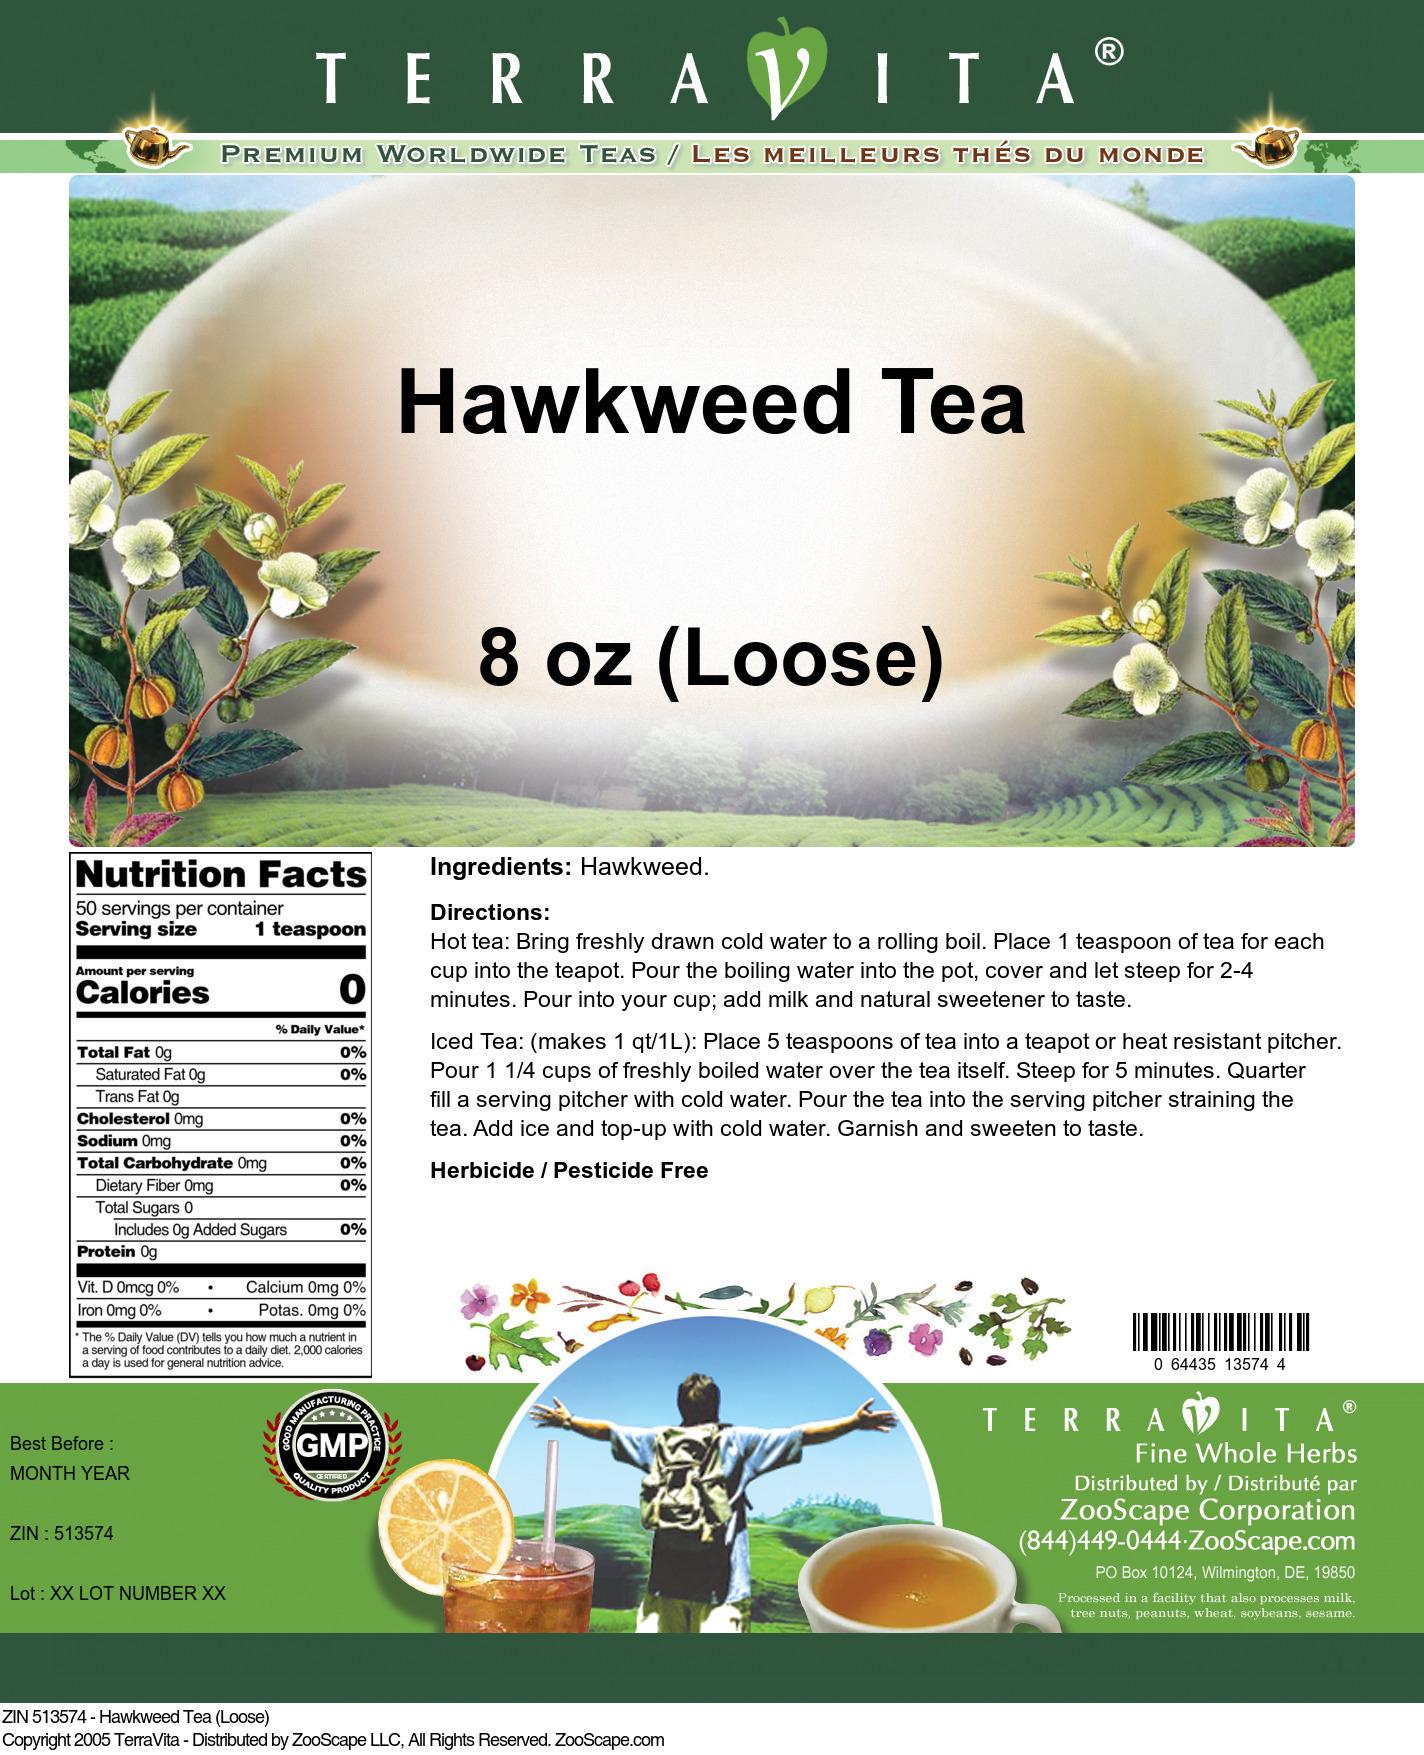 Hawkweed Tea (Loose)